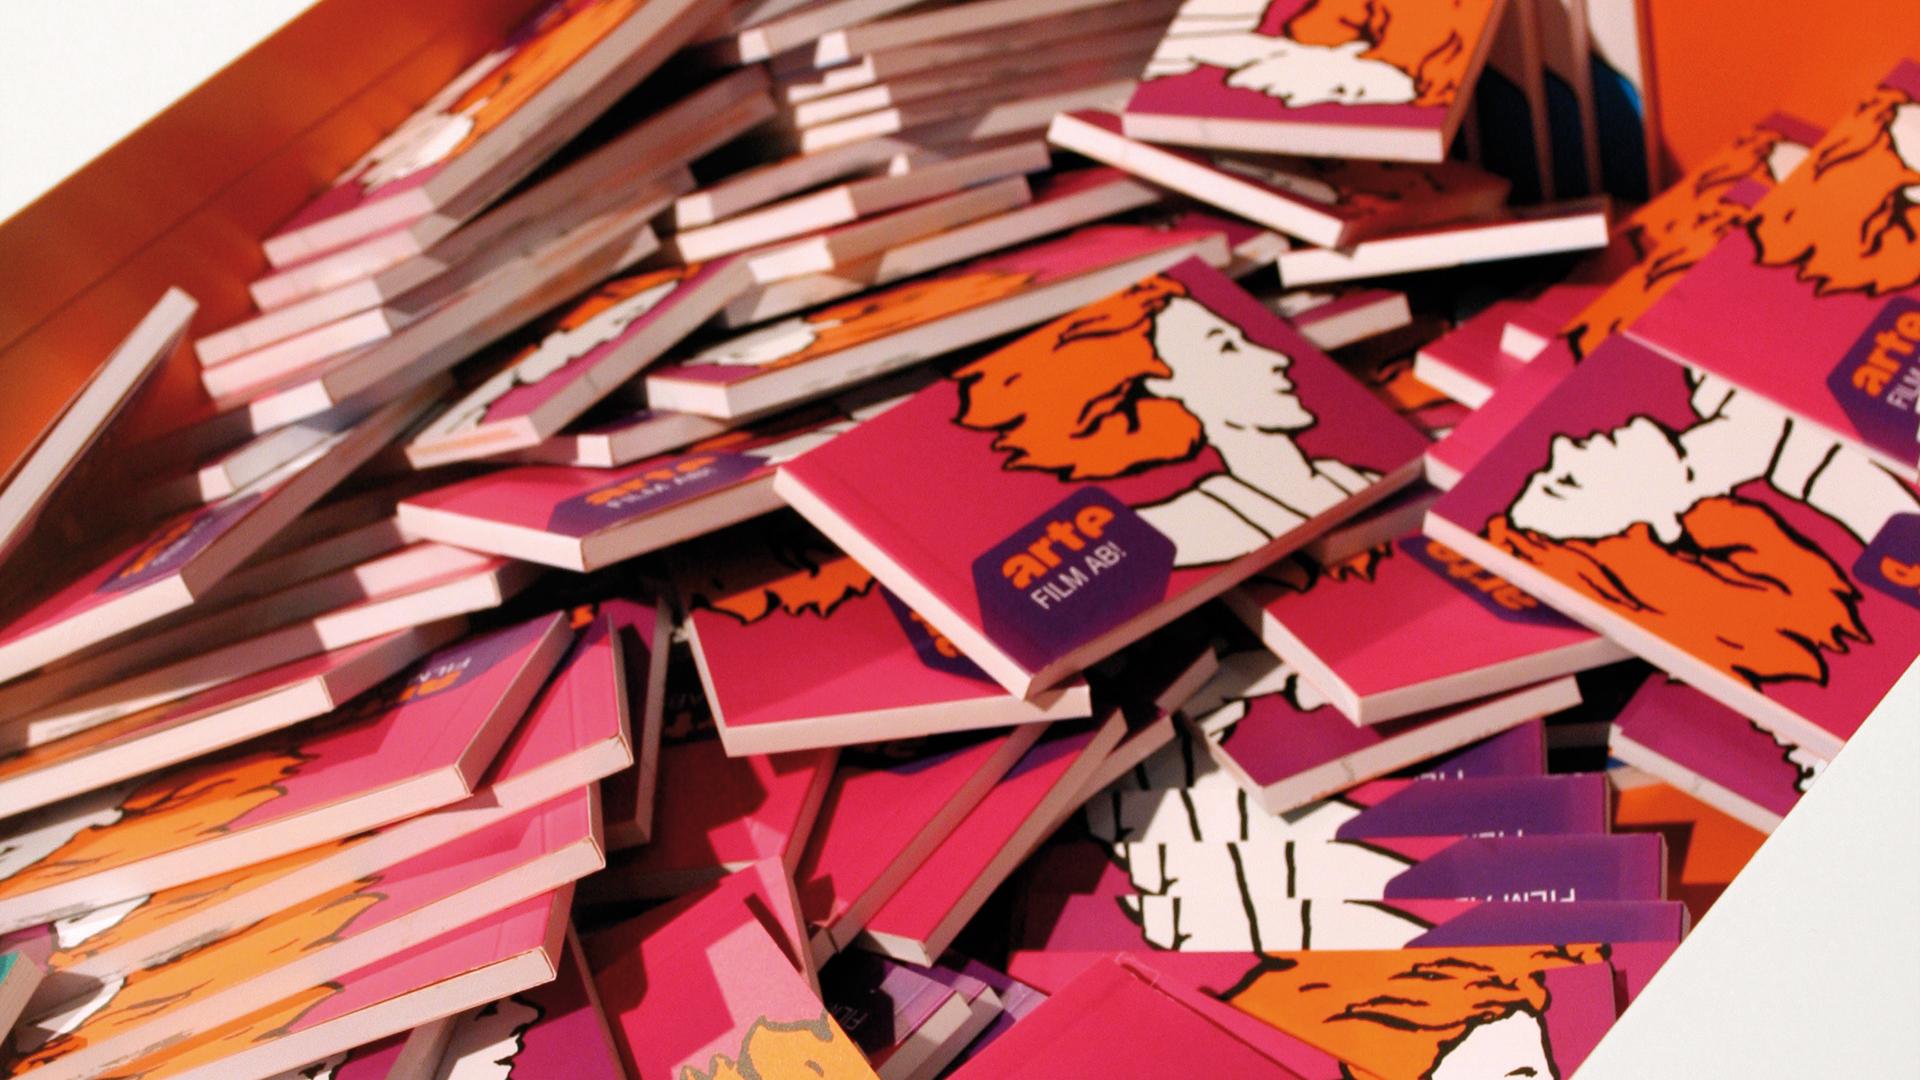 Dart iszeniert den Messestand von ARTE auf der Buchmesse Frankfurt 2010